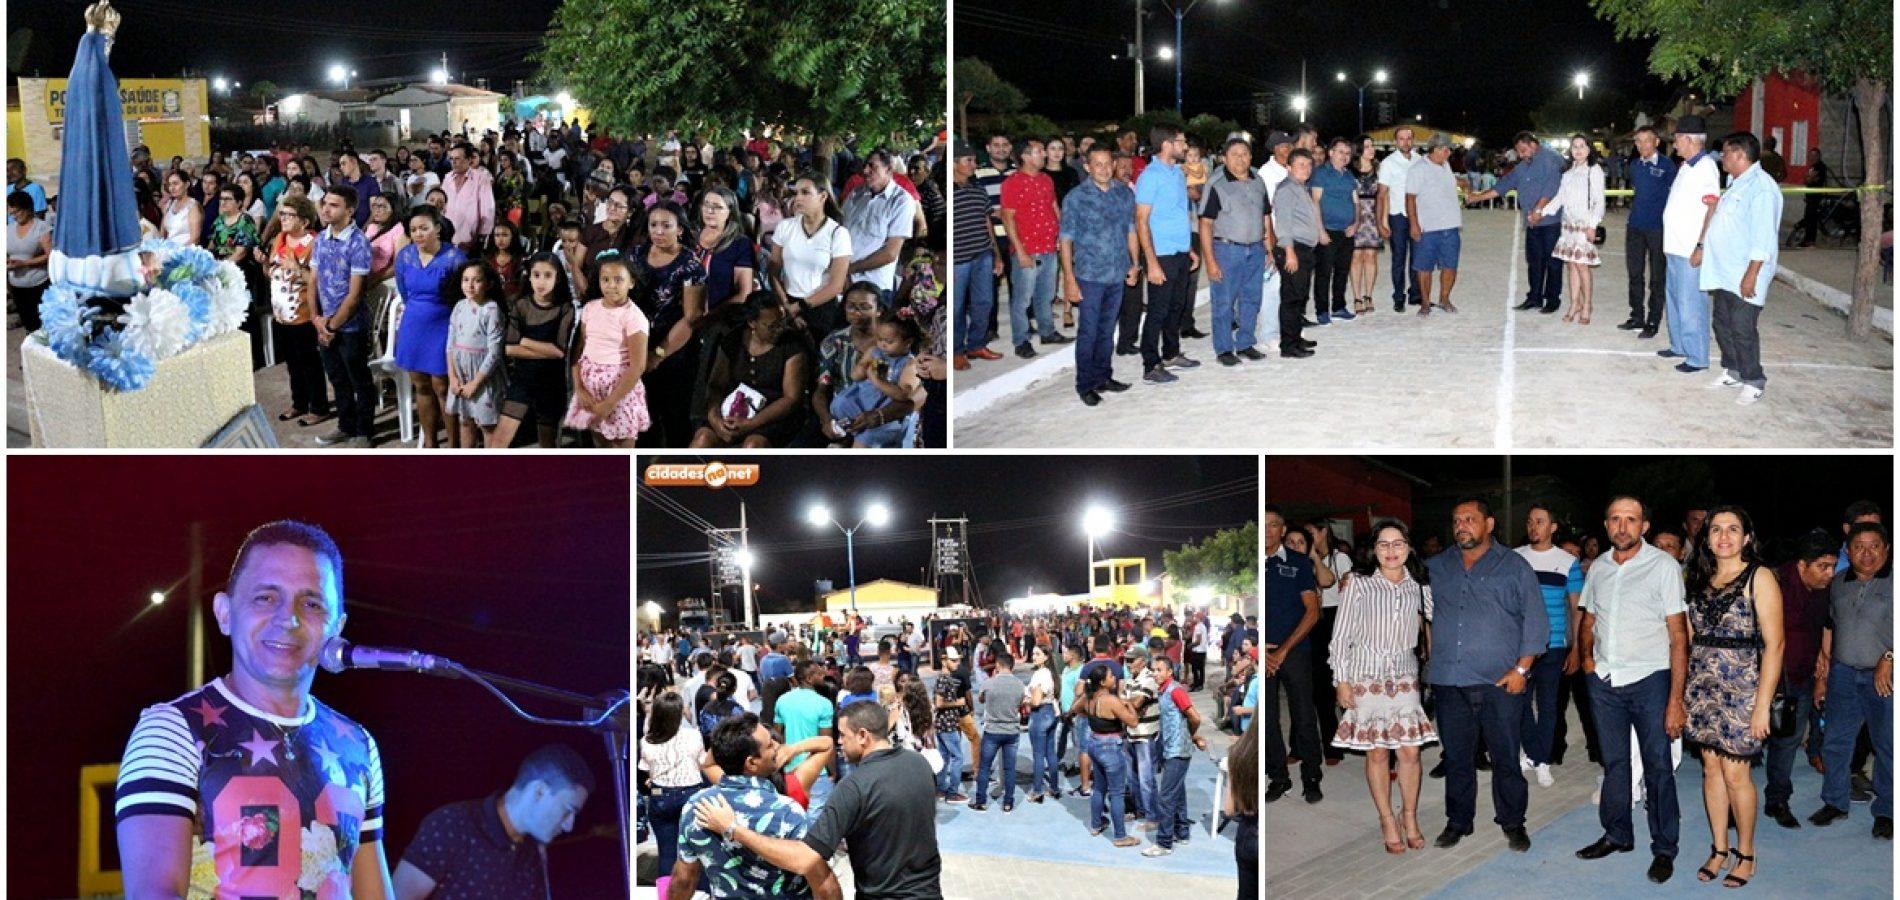 Prefeitura de Belém promove festa e inaugura calçamento durante os festejos de povoado